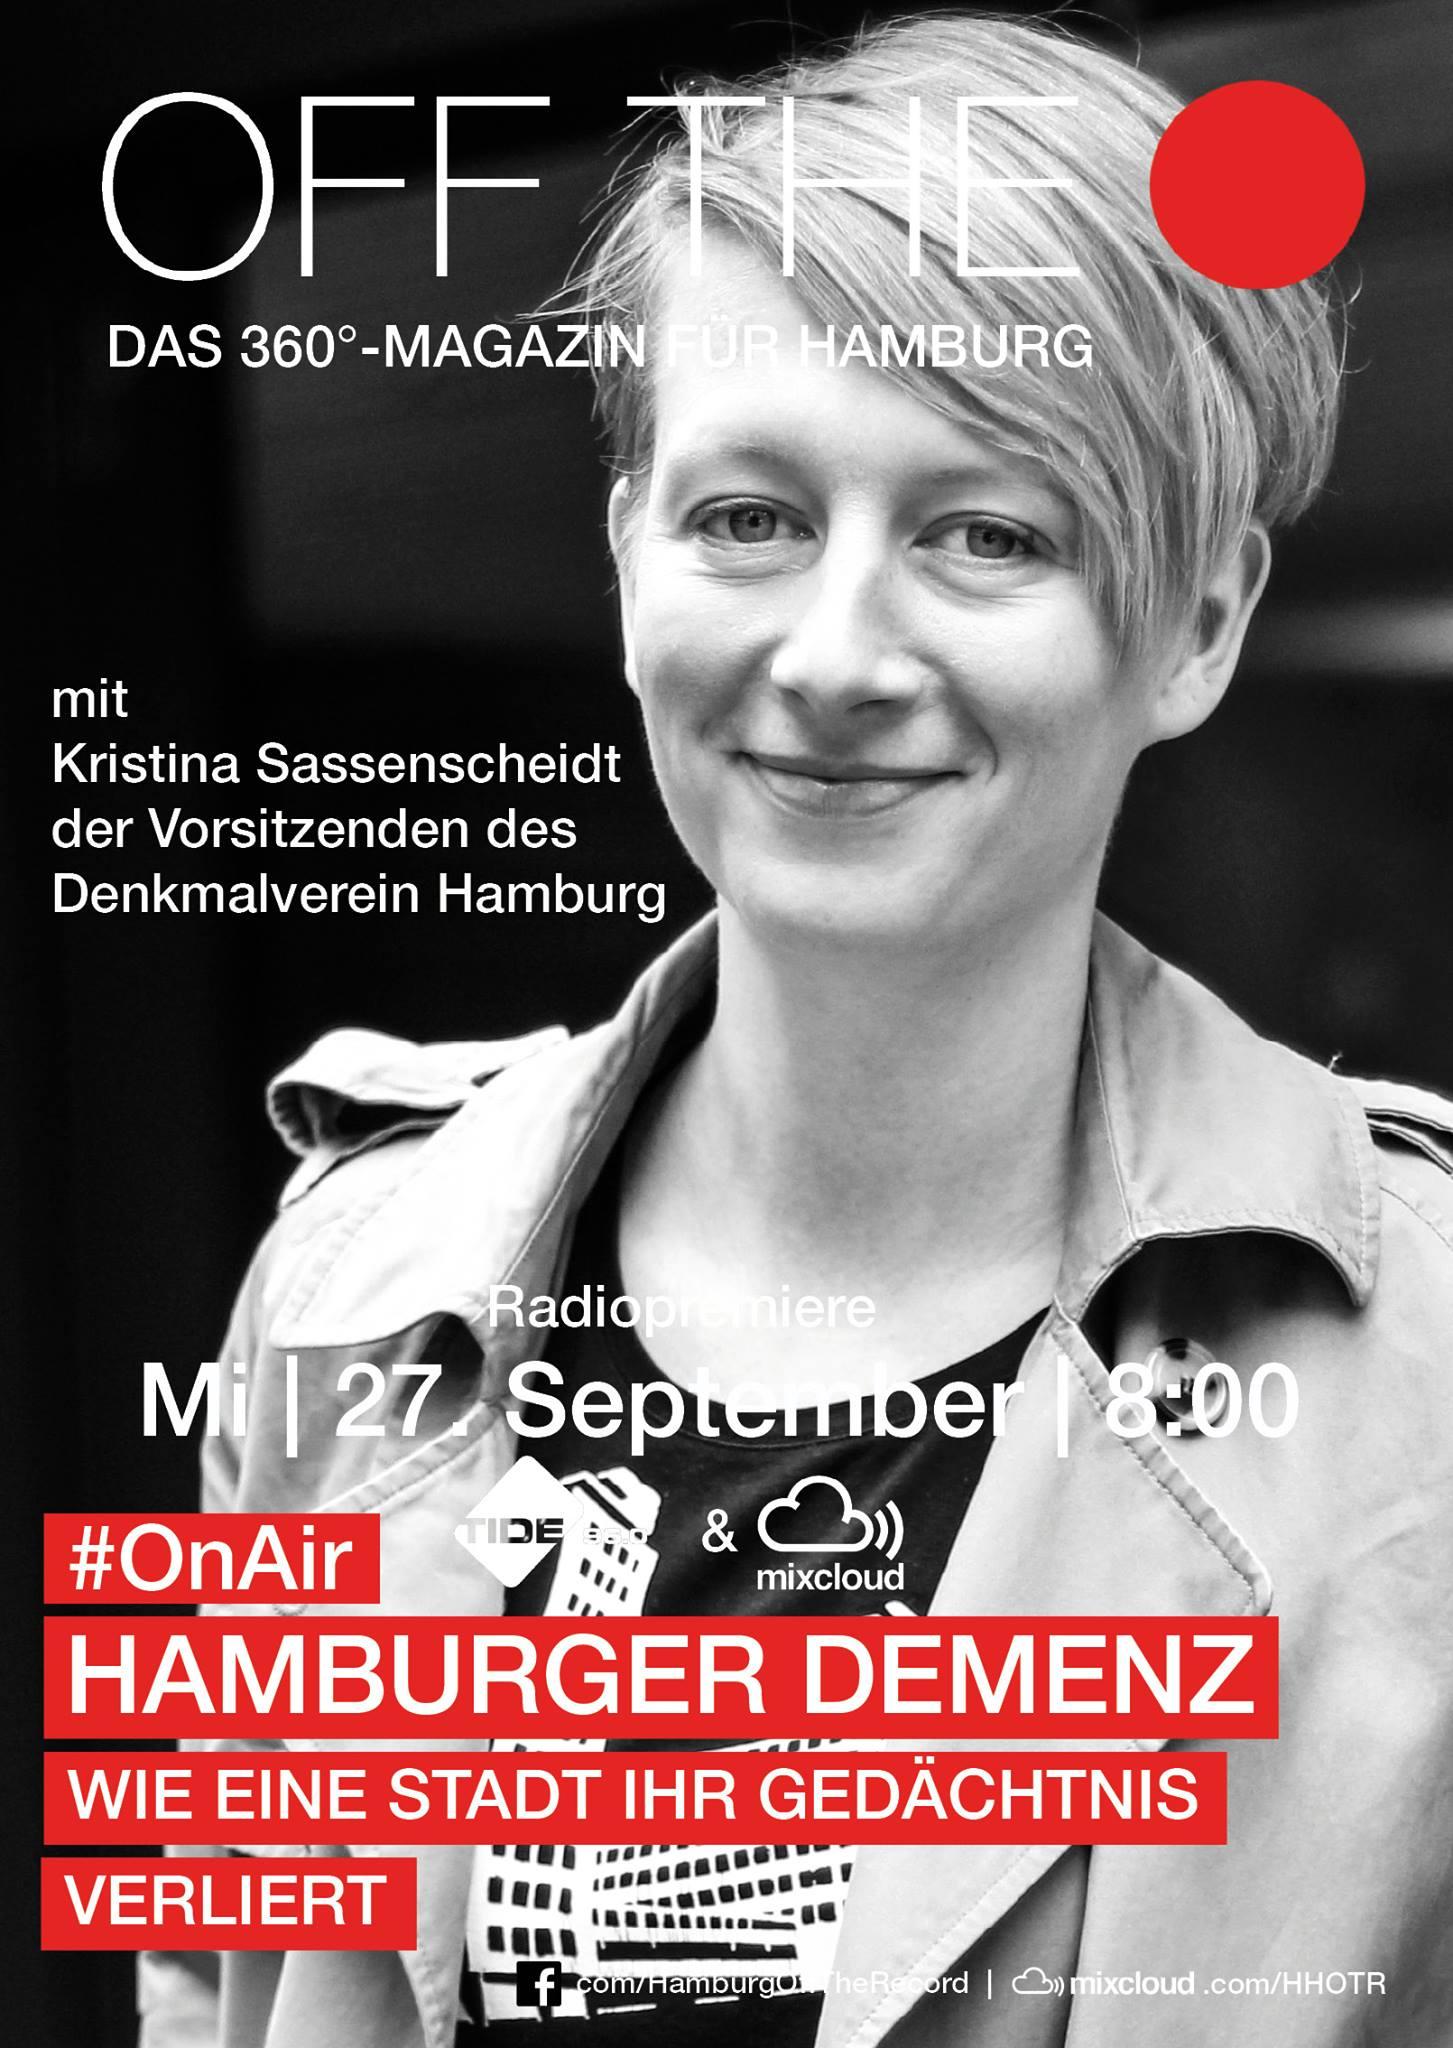 Off The Record OnAir Hamburger Demenz mit Kristina Sassenscheidt cover